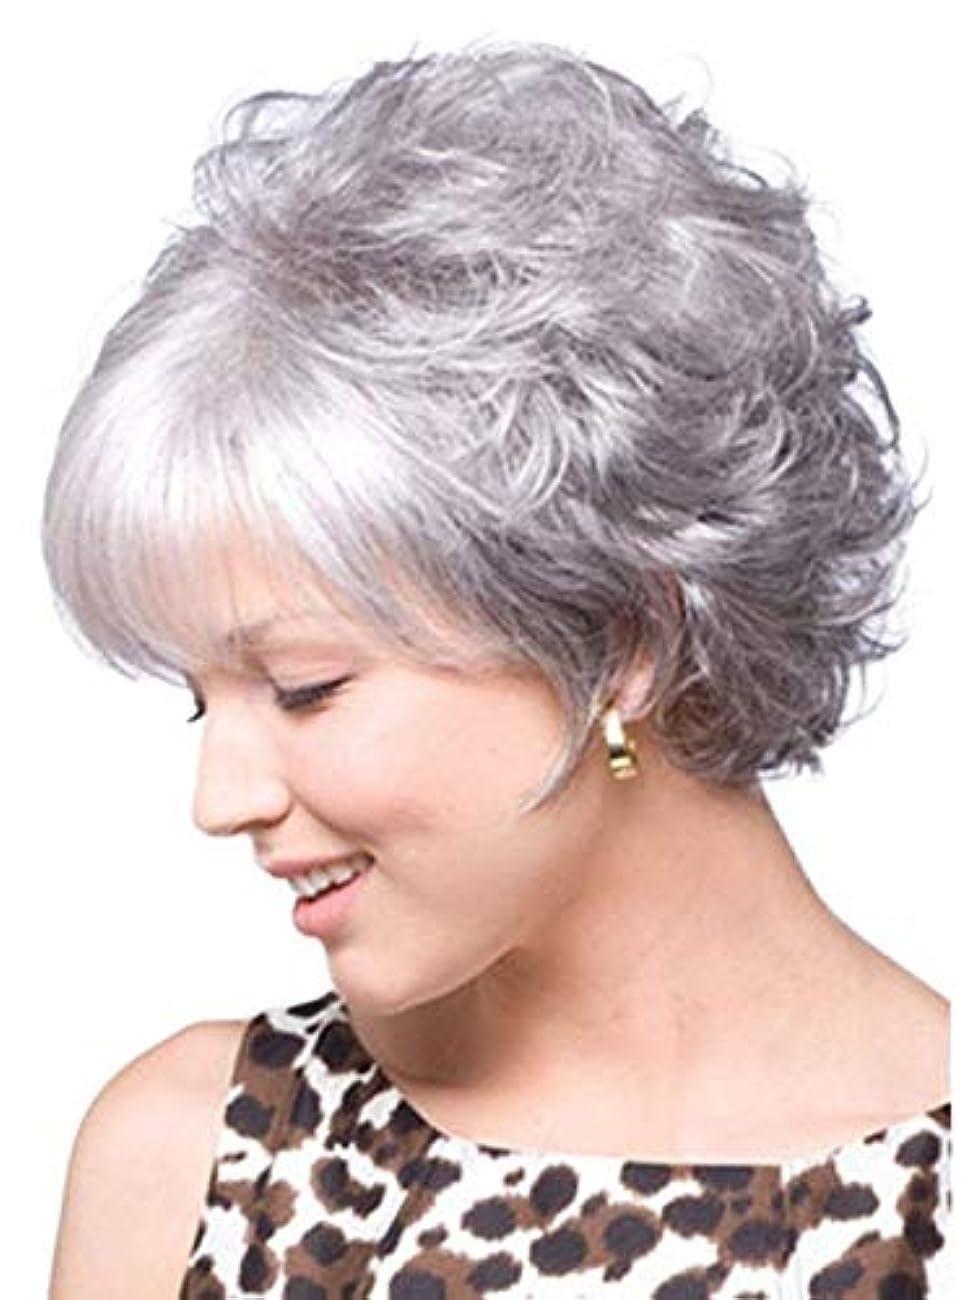 予測する司書廃止ウィッグキャップ付きパーティーコスプレ用女性ショートシルバーグレーヘアウィッグ (色 : Gray+Silver)